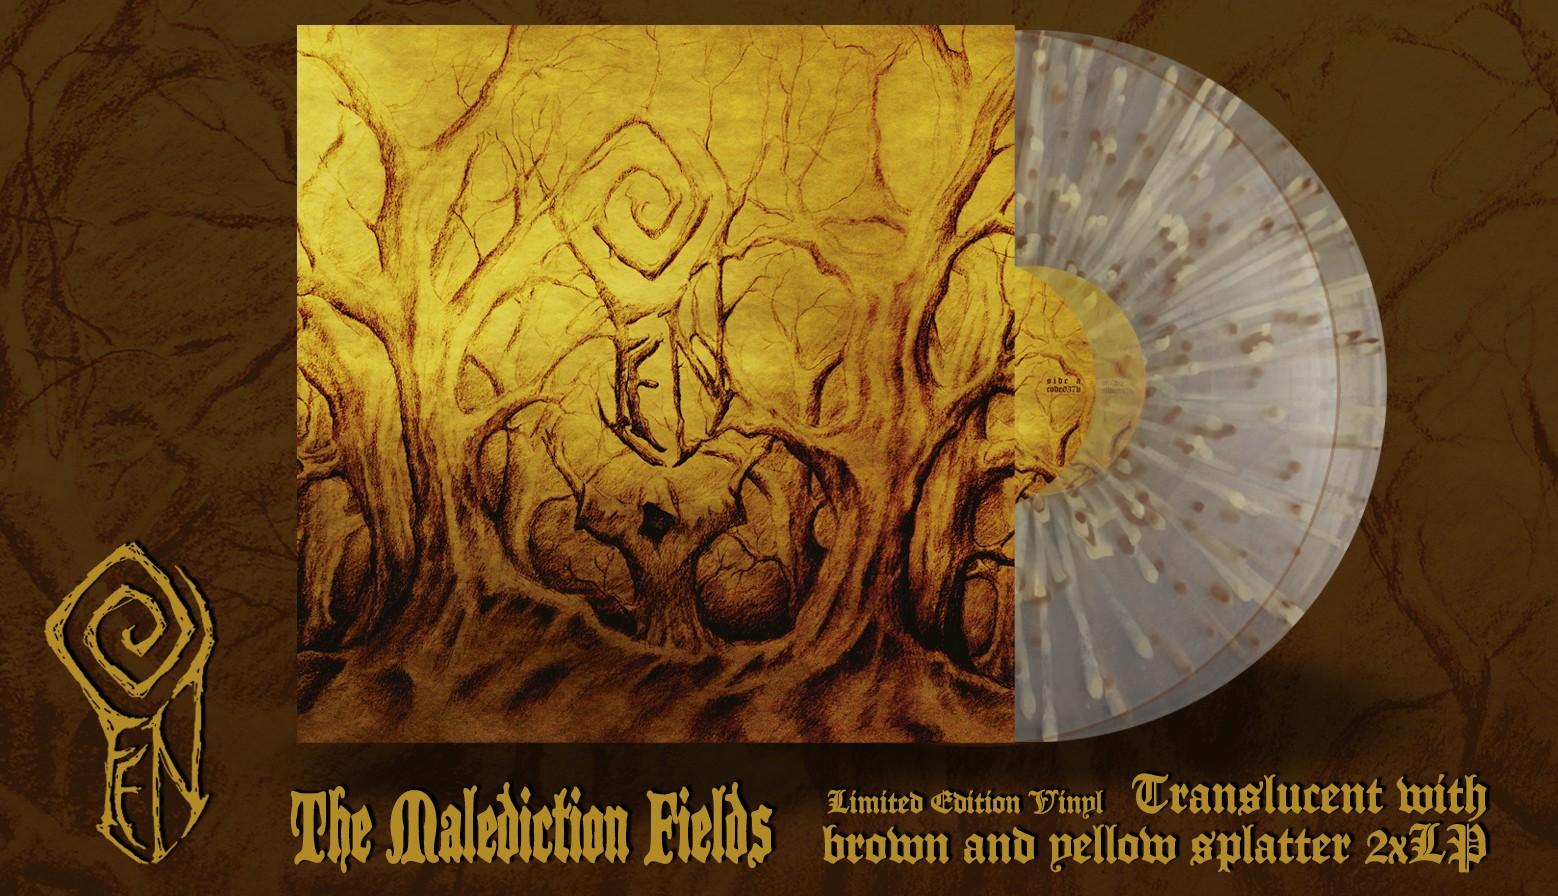 FEN The Malediction Fields splatter